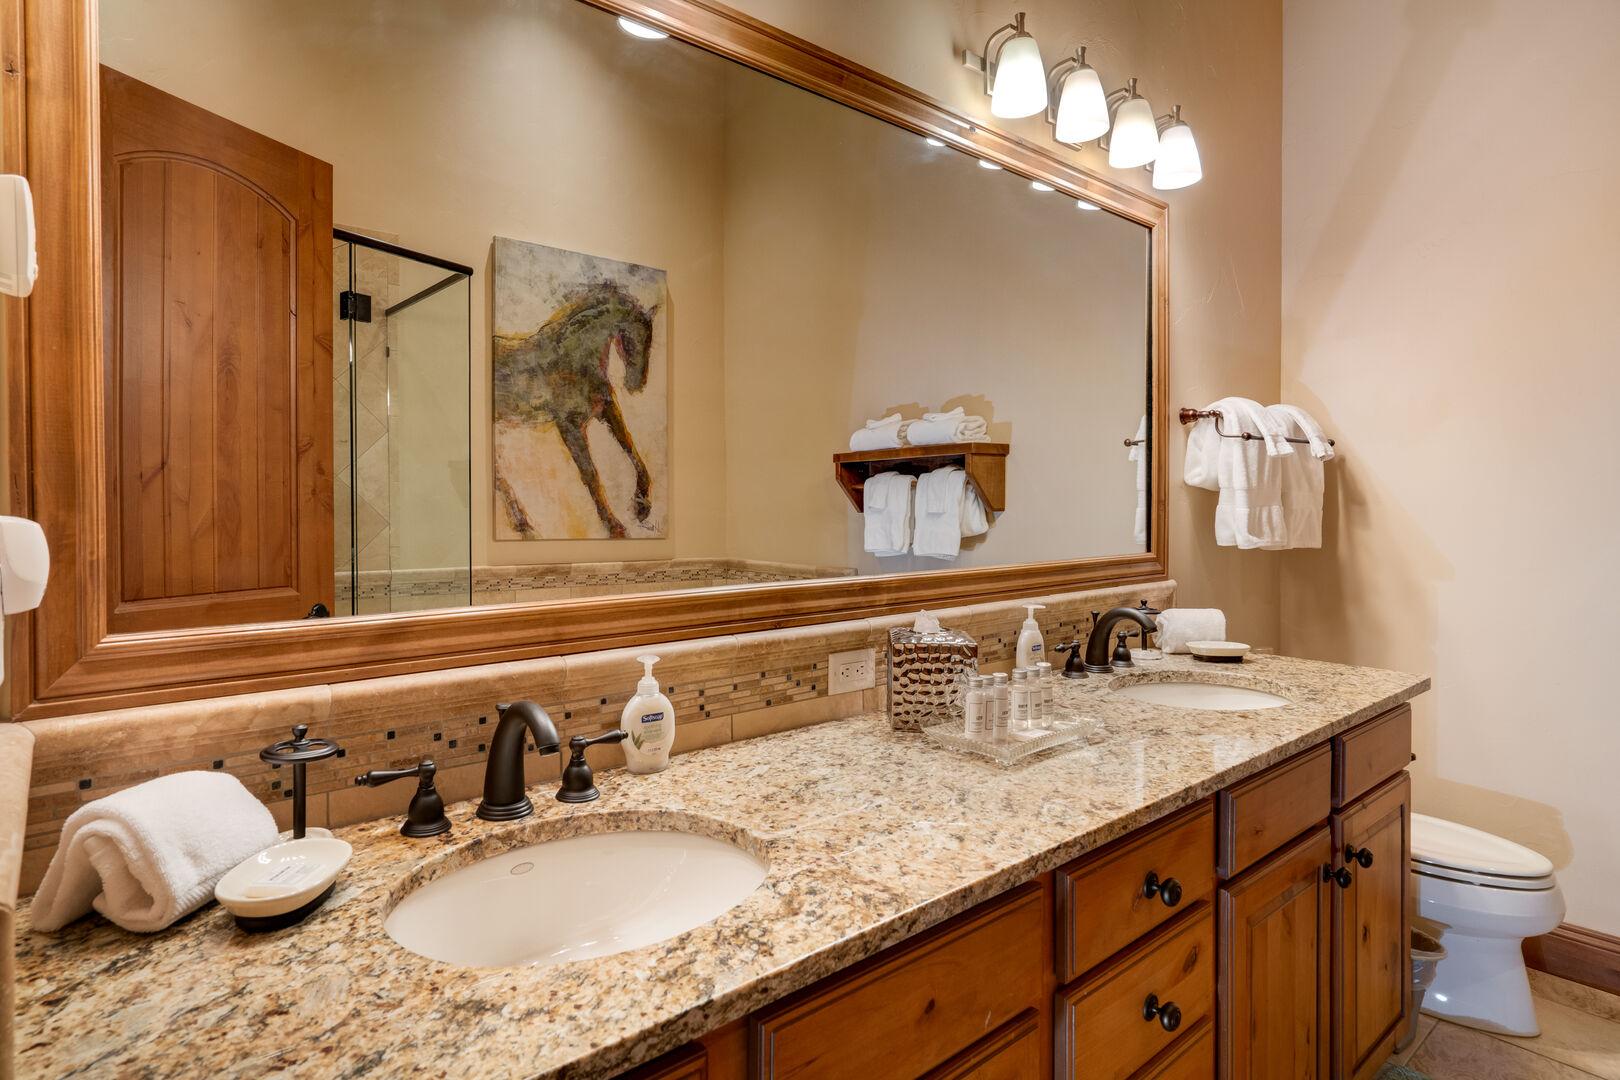 Double sinks in the double queen bedroom